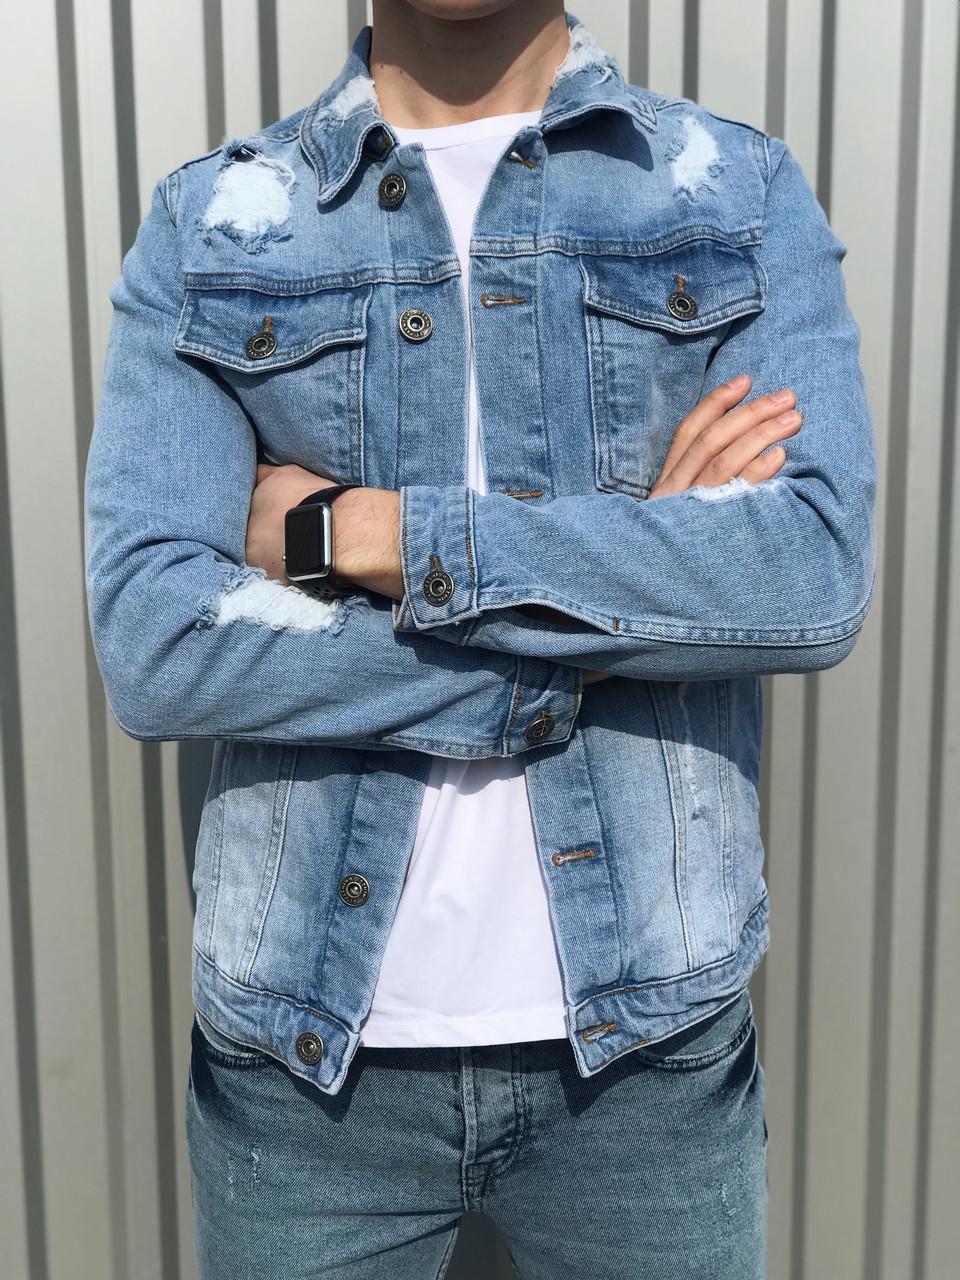 Мужской джинсовый пиджак светло-синий 2Y Premium